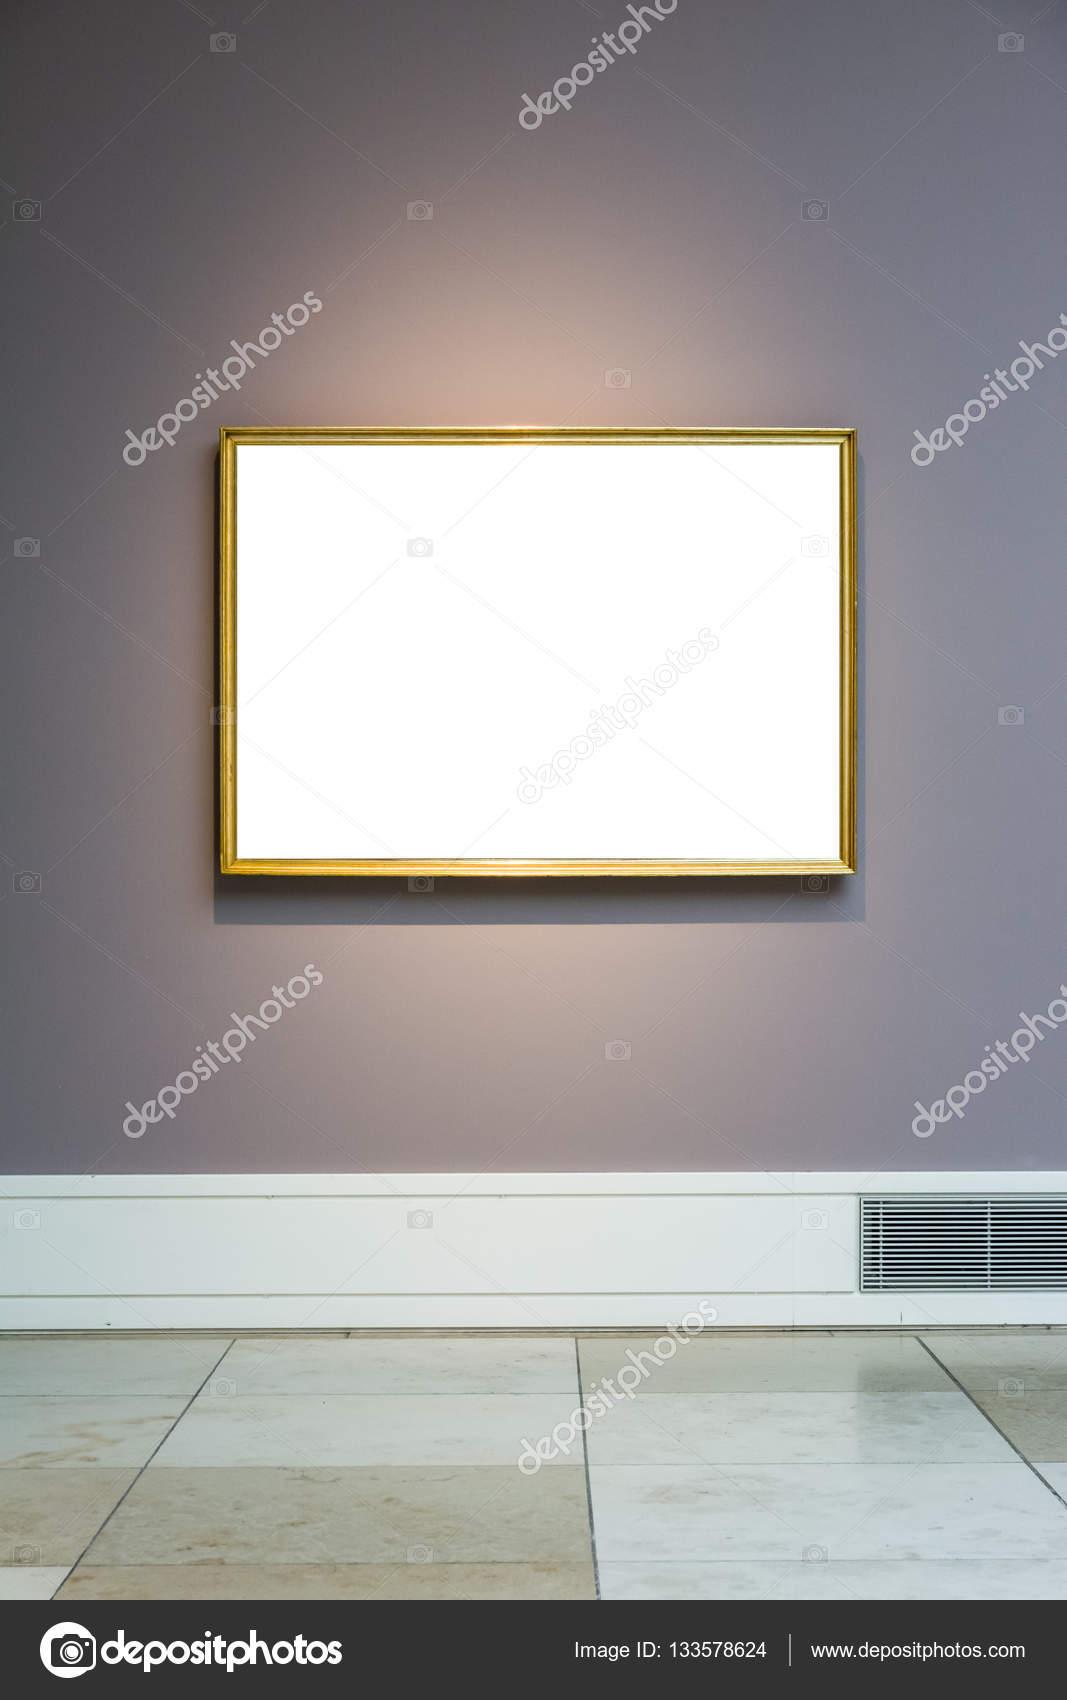 Museo de arte marco pared azul claro adornado diseño minimalista ...